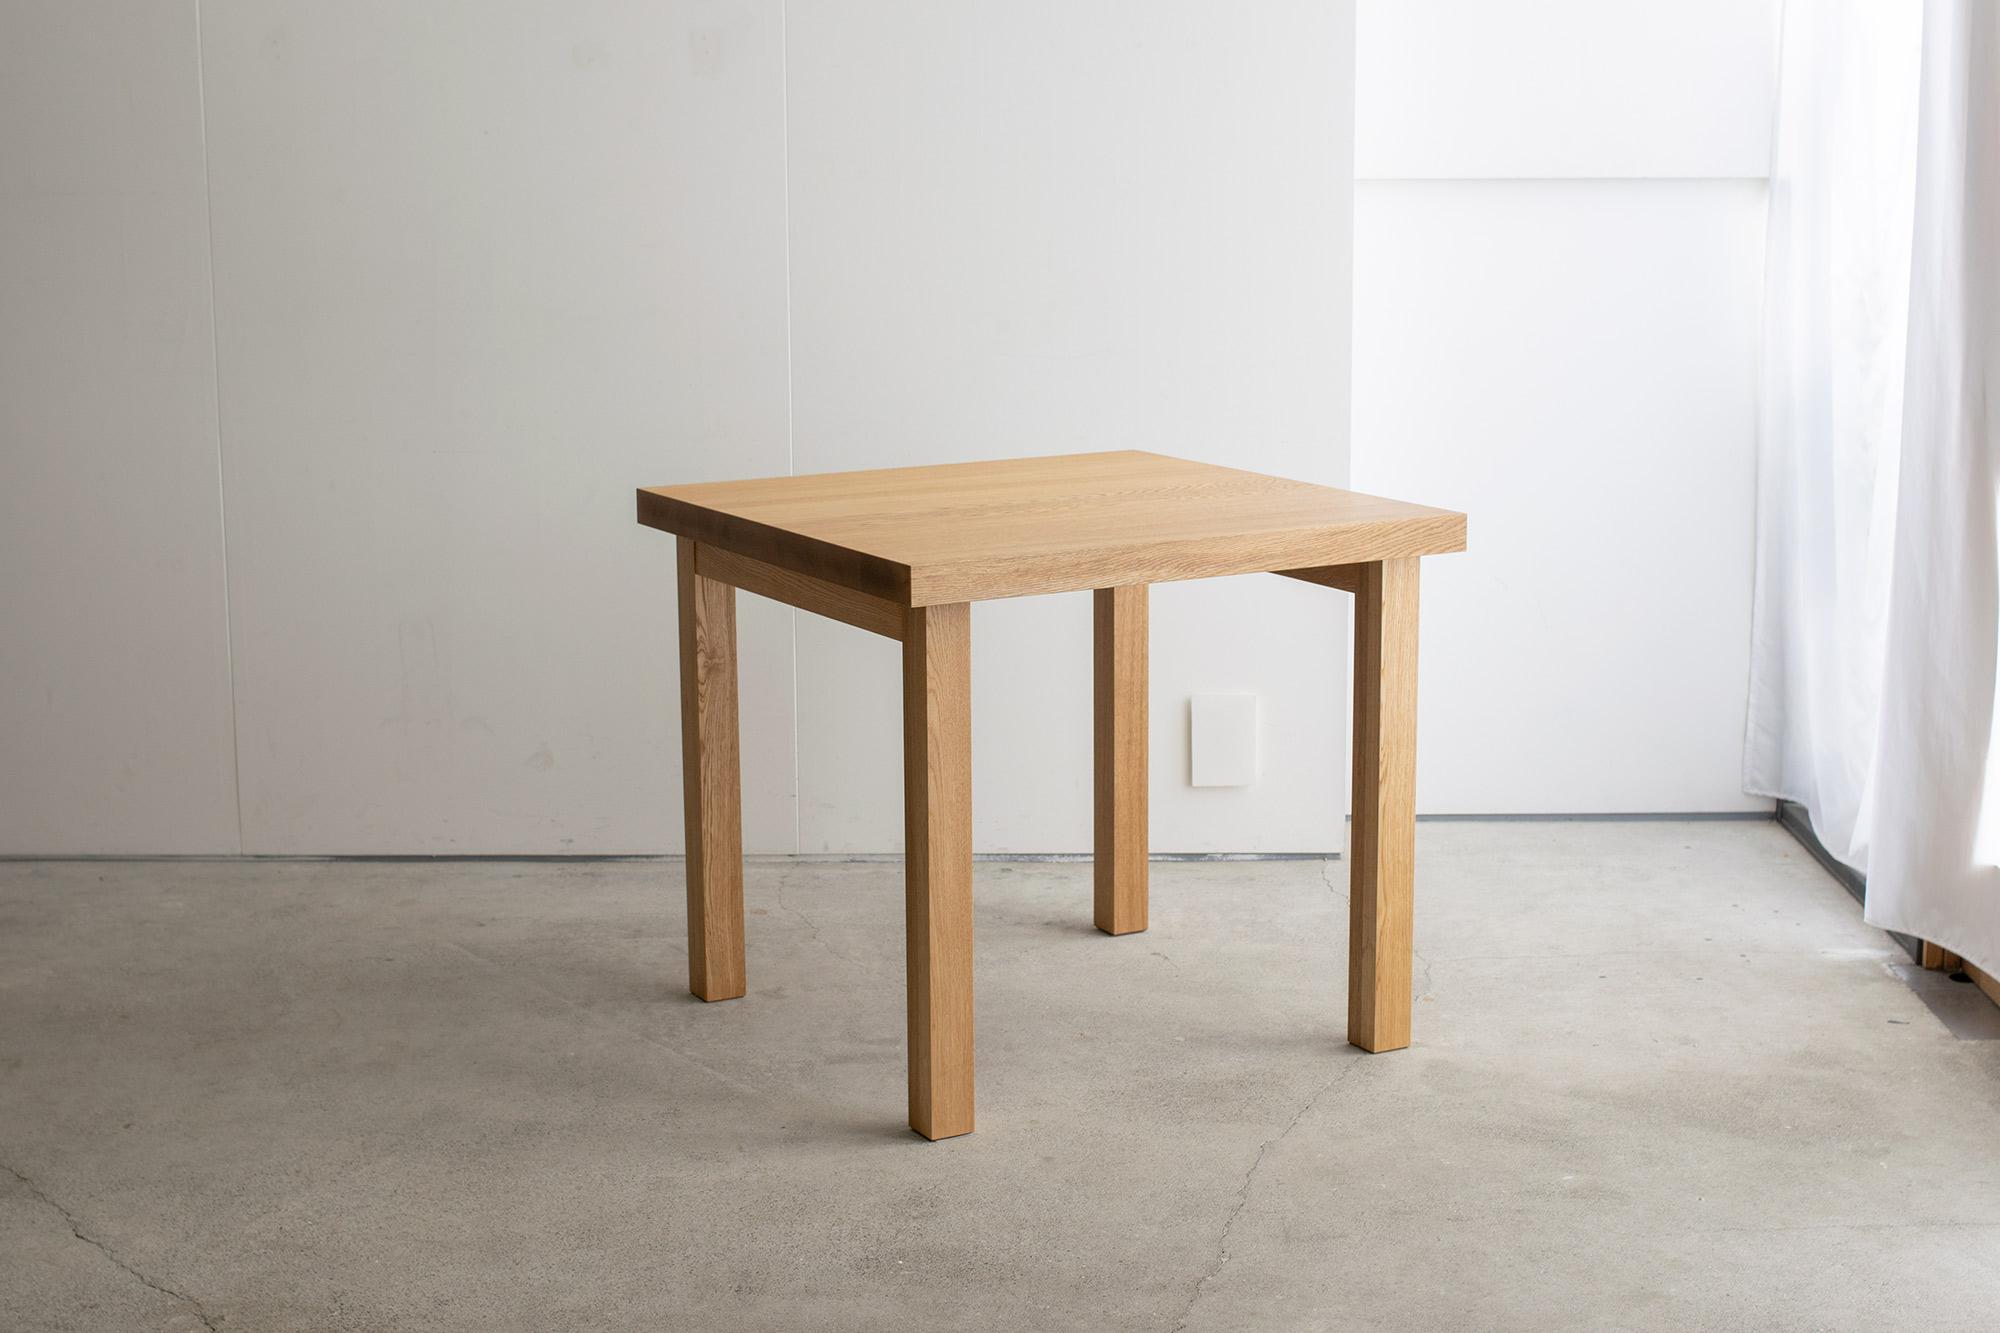 タモ材むくてんばんテーブル